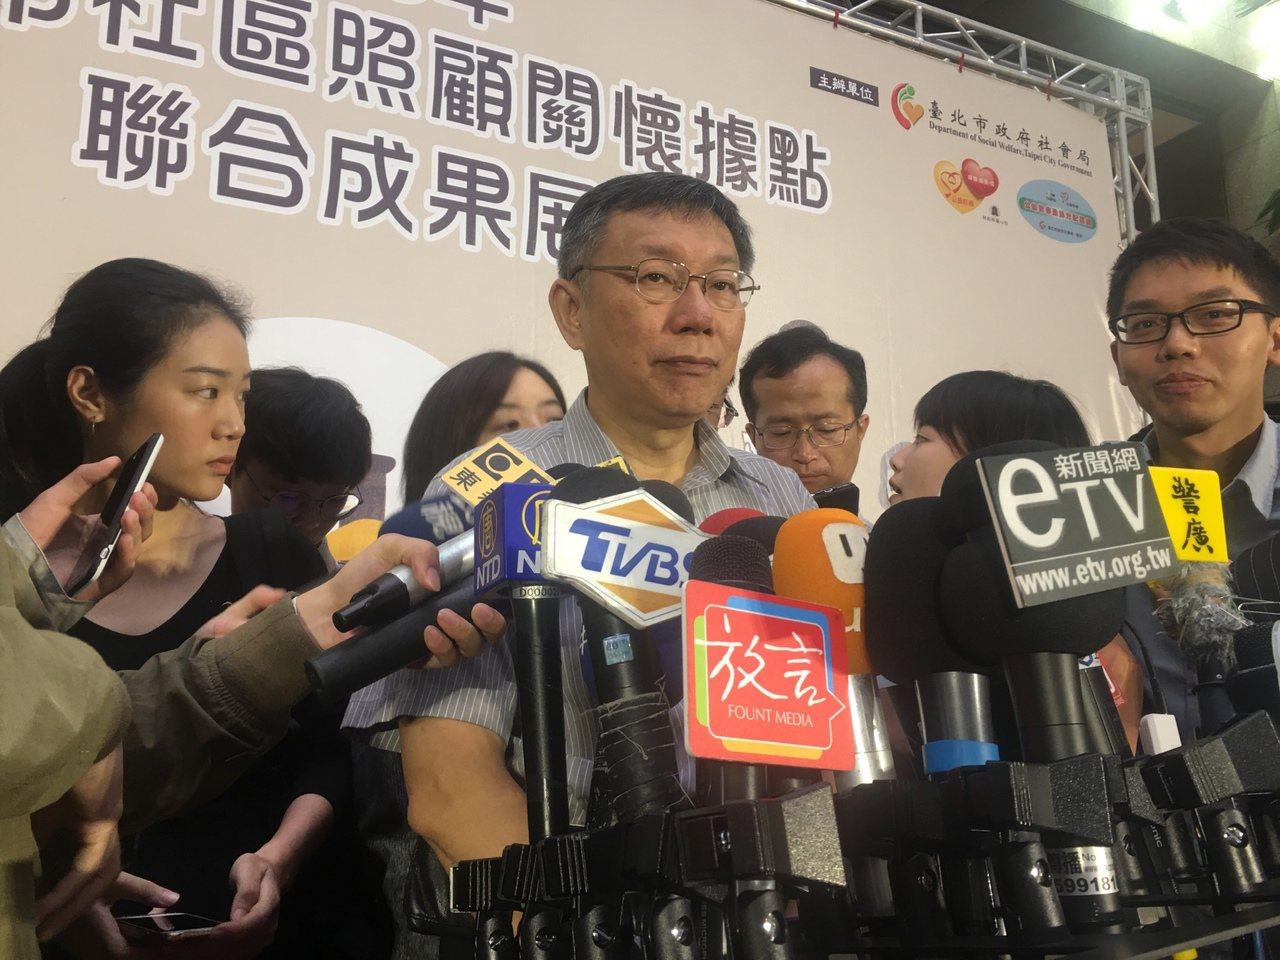 台北市長柯文哲上午出席社會局活動後接受媒體聯訪。記者魏莨伊/攝影